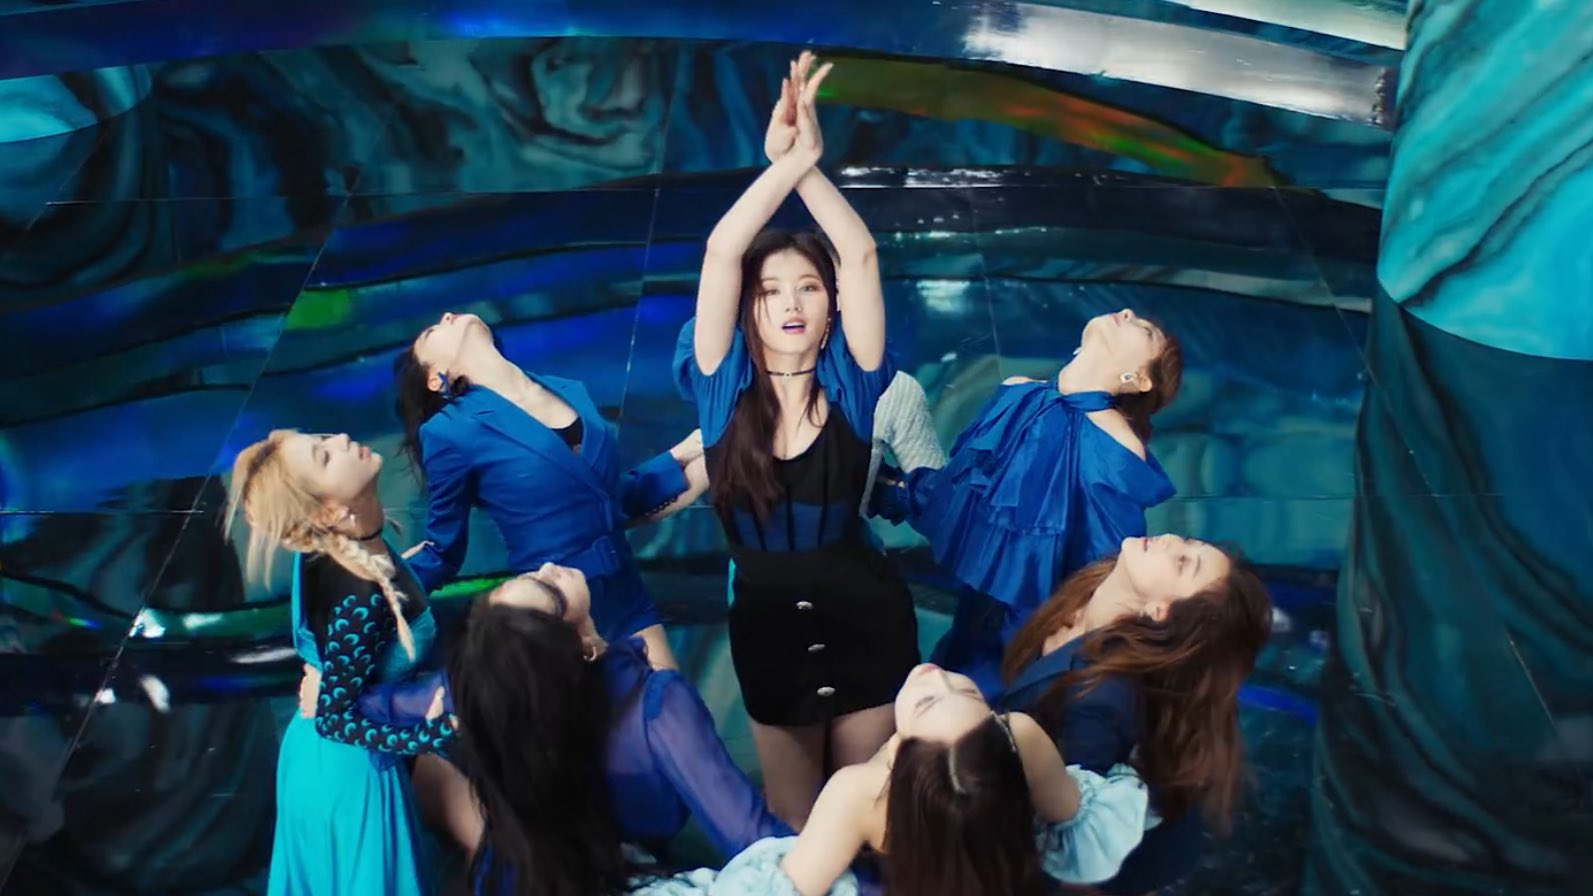 """Stylist của Twice lại bị chê tơi tả khi cắt váy hiệu thành """"váy chợ"""" kém đẹp nhưng lý do thực sự là gì? - Ảnh 2."""